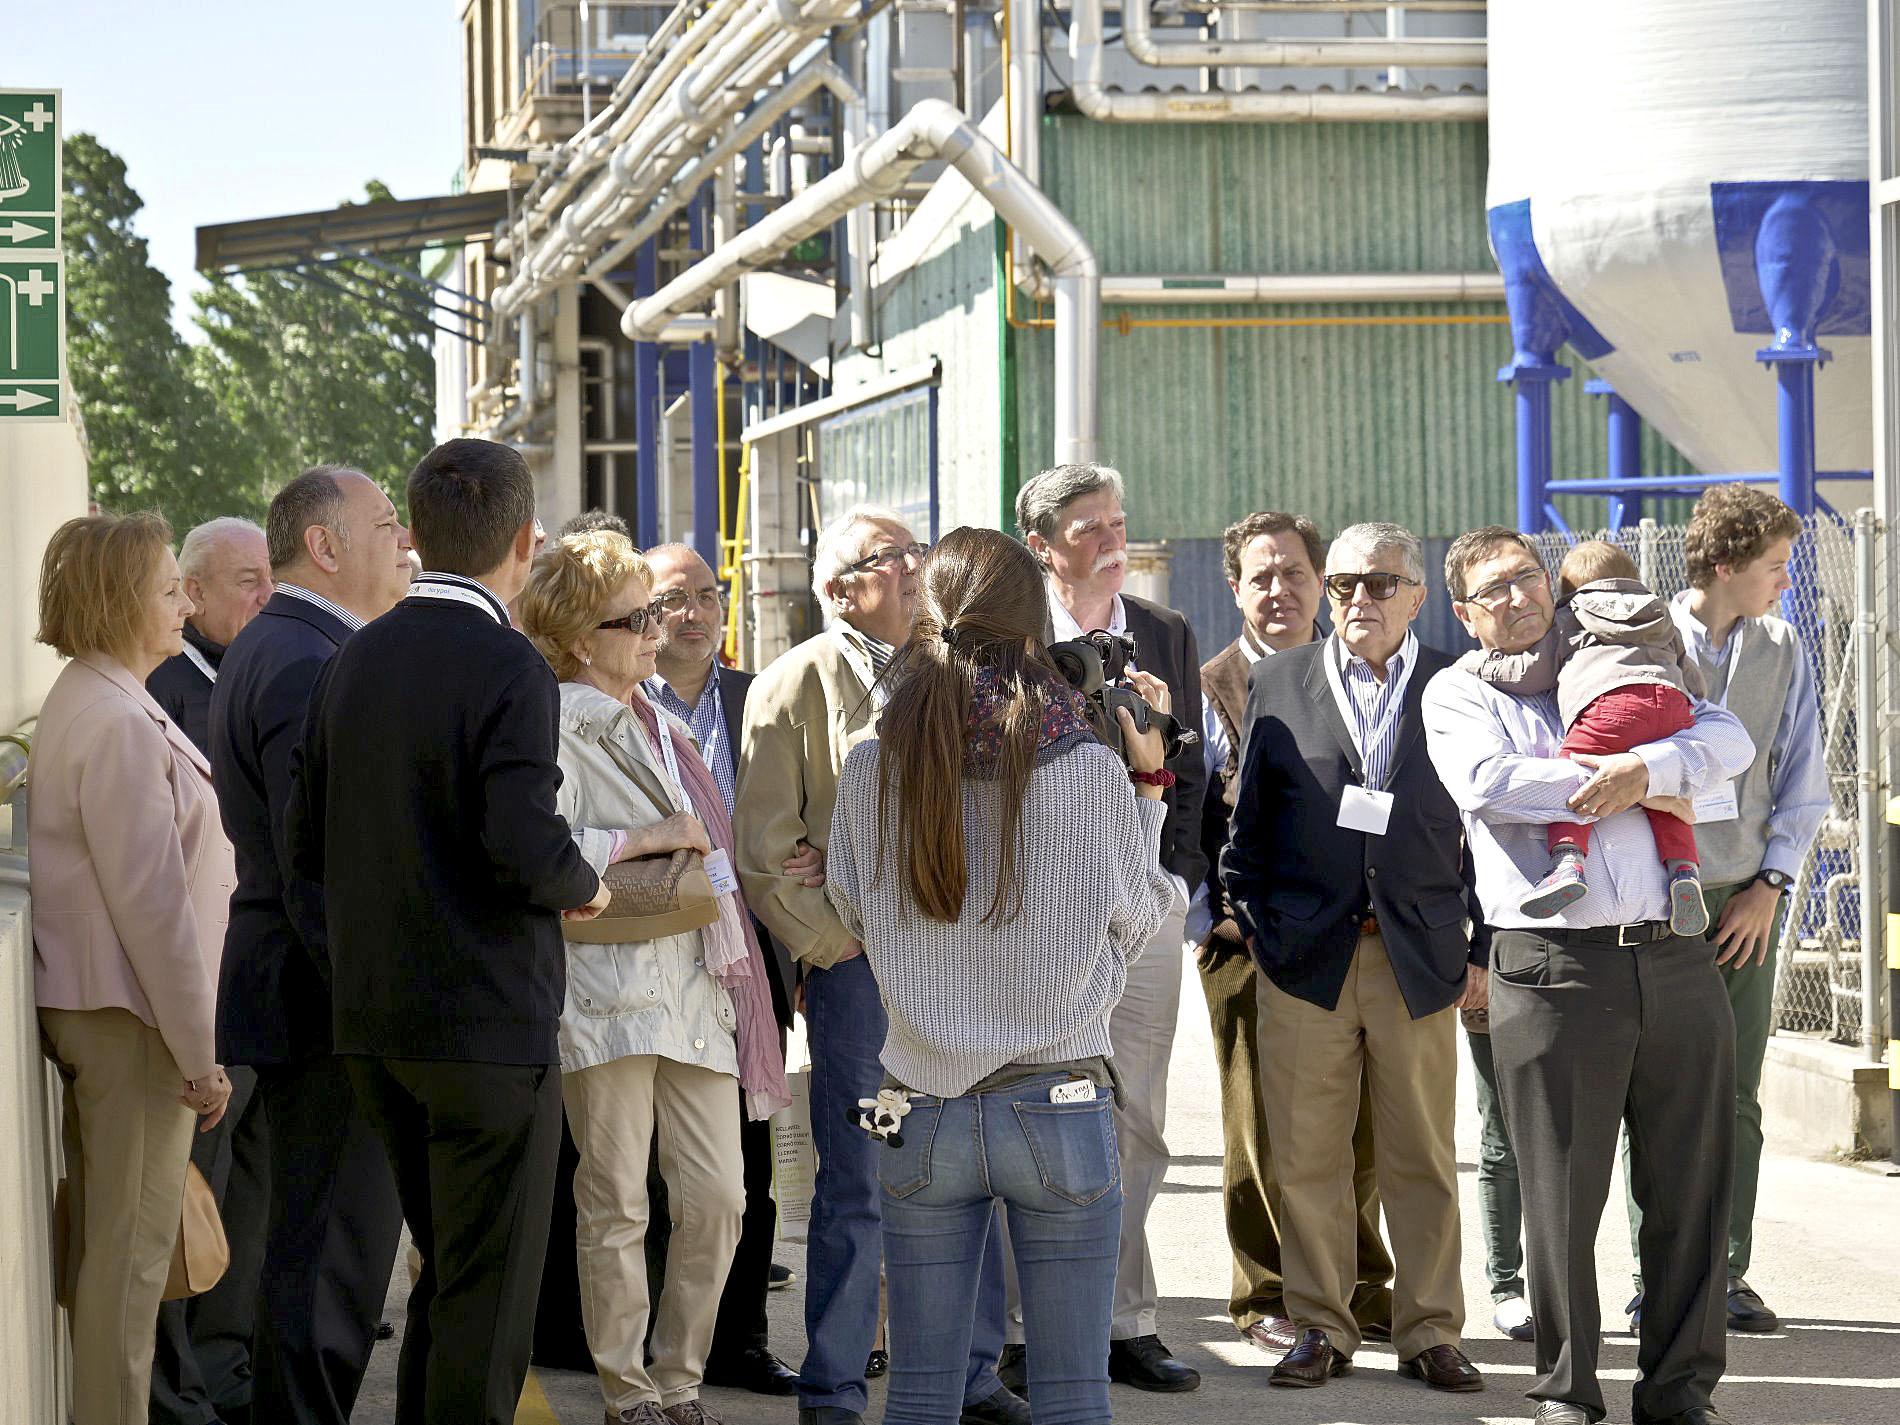 L'empresa ha celebrat recentment el 50è aniversari amb una jornada de portes obertes